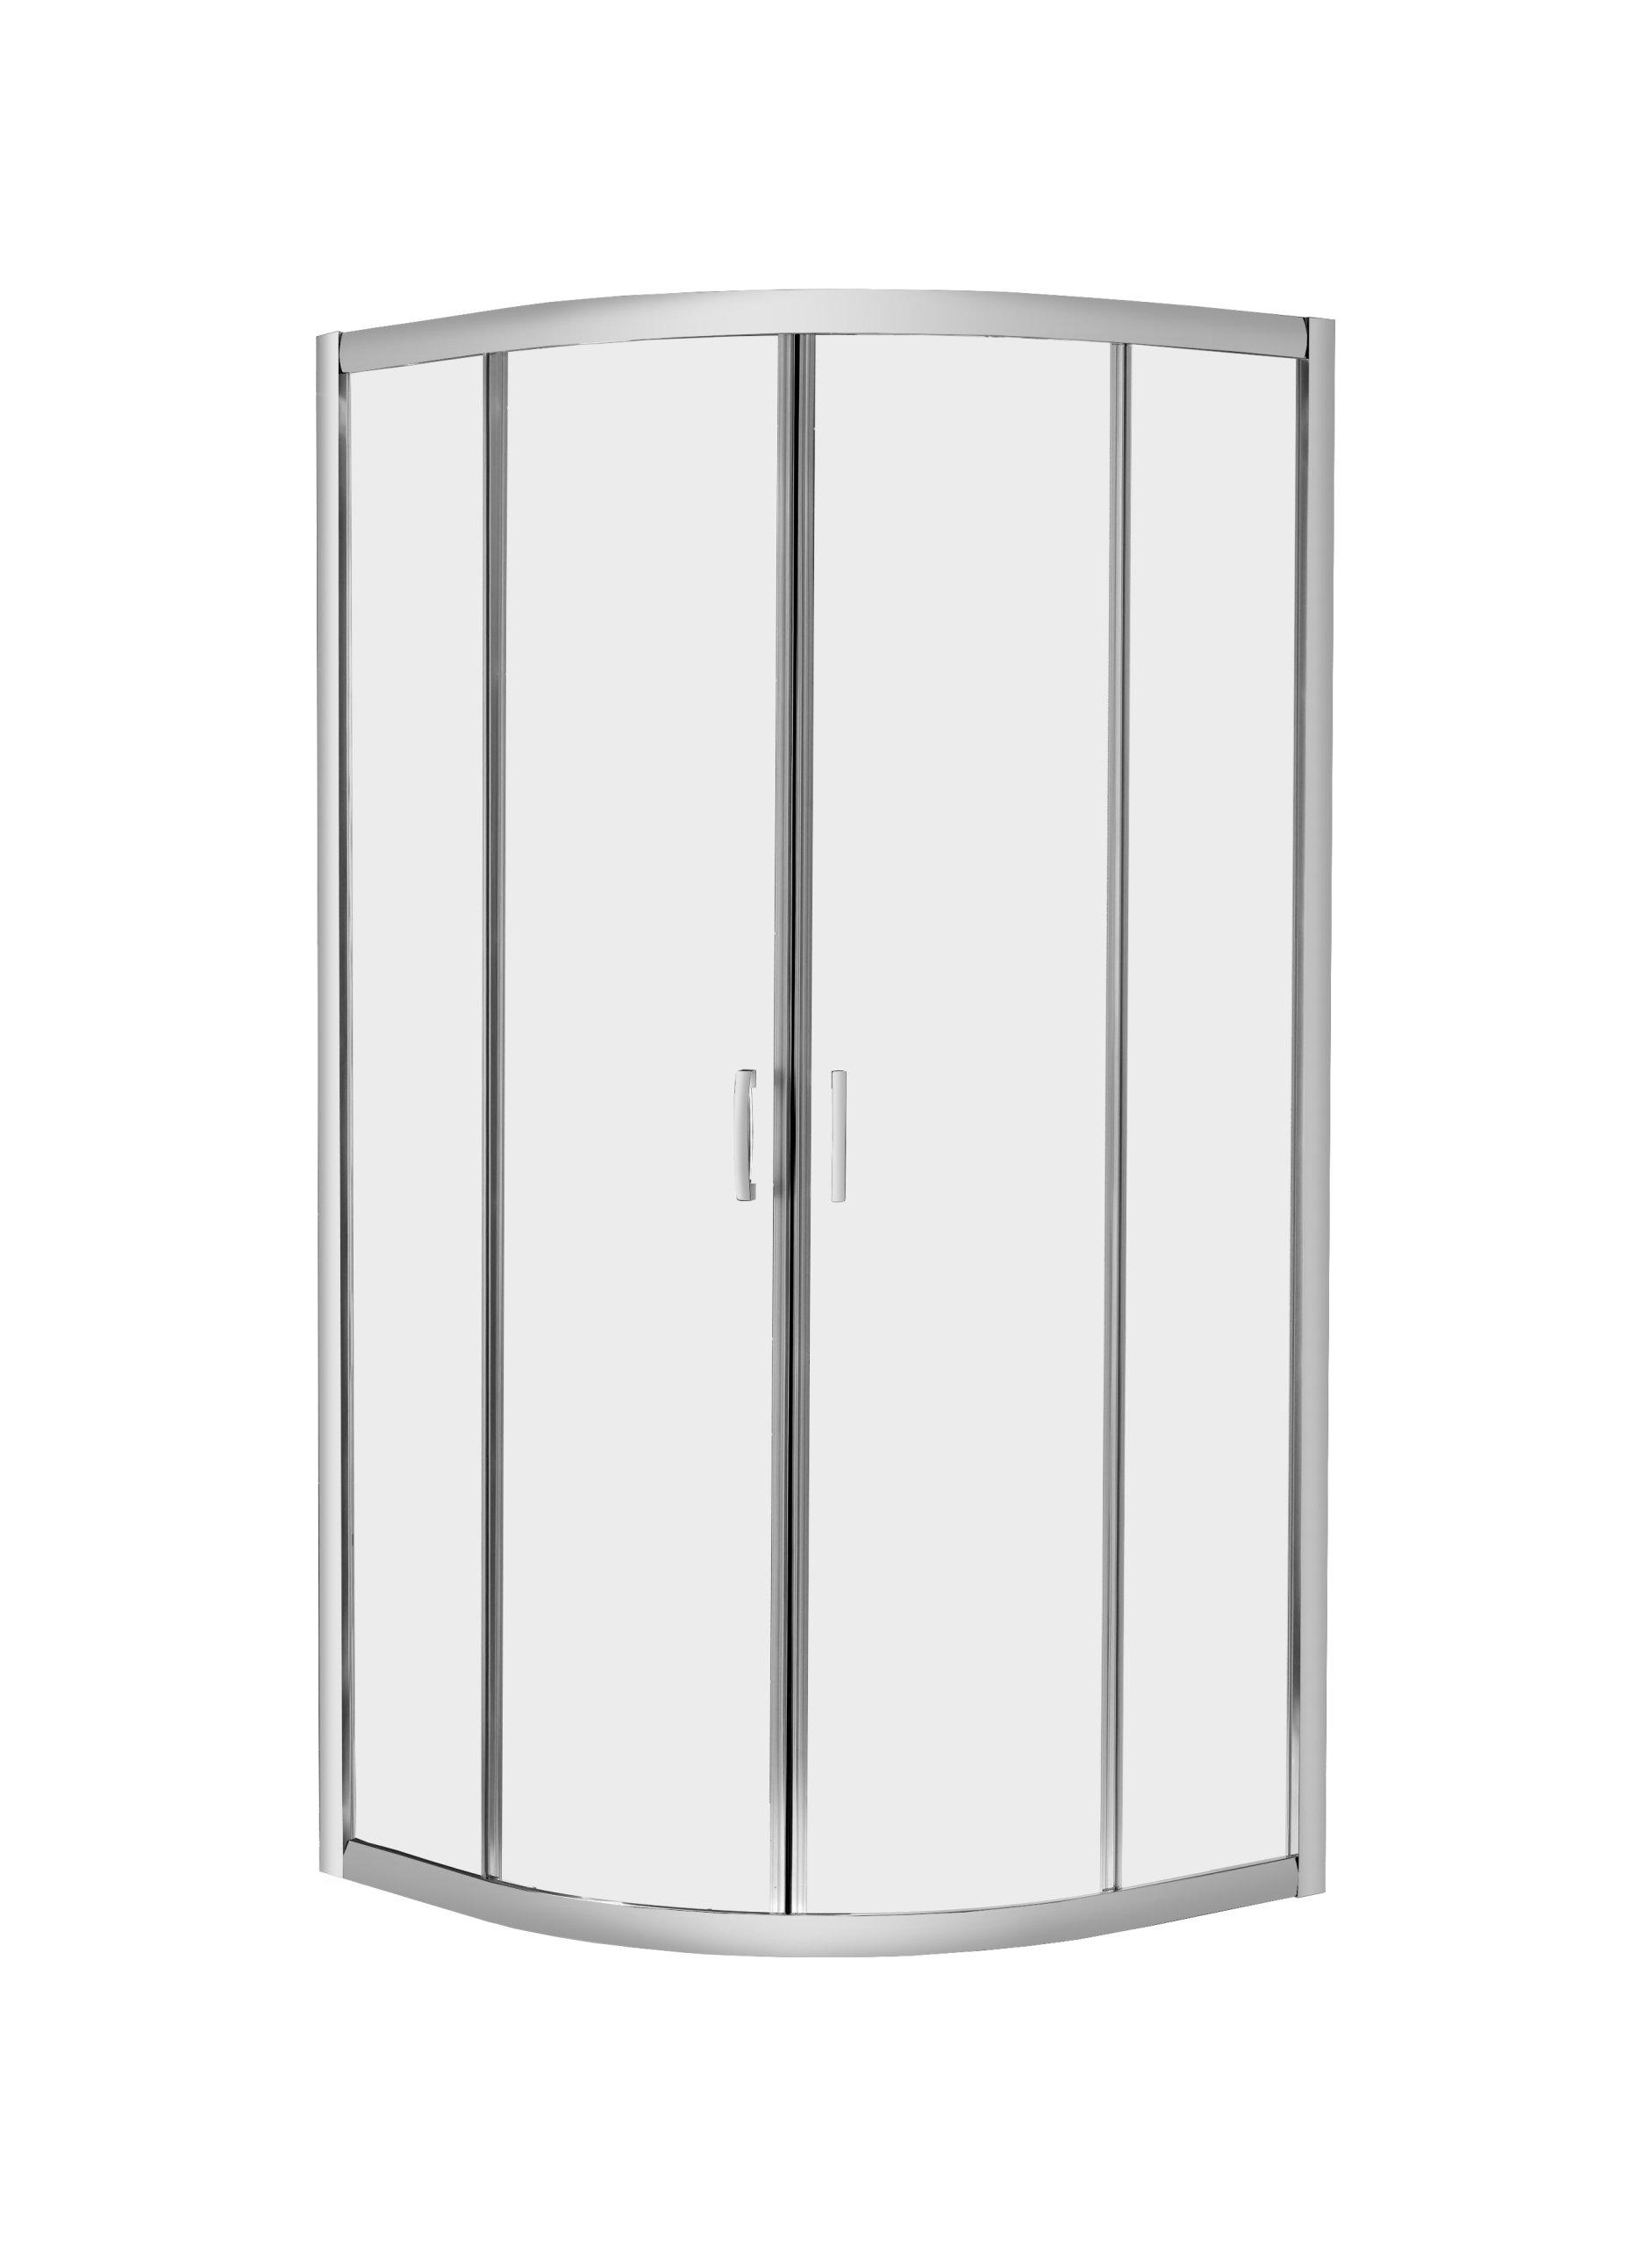 Radaway Premium Plus A polkruhová sprchová kabína 80x80x190